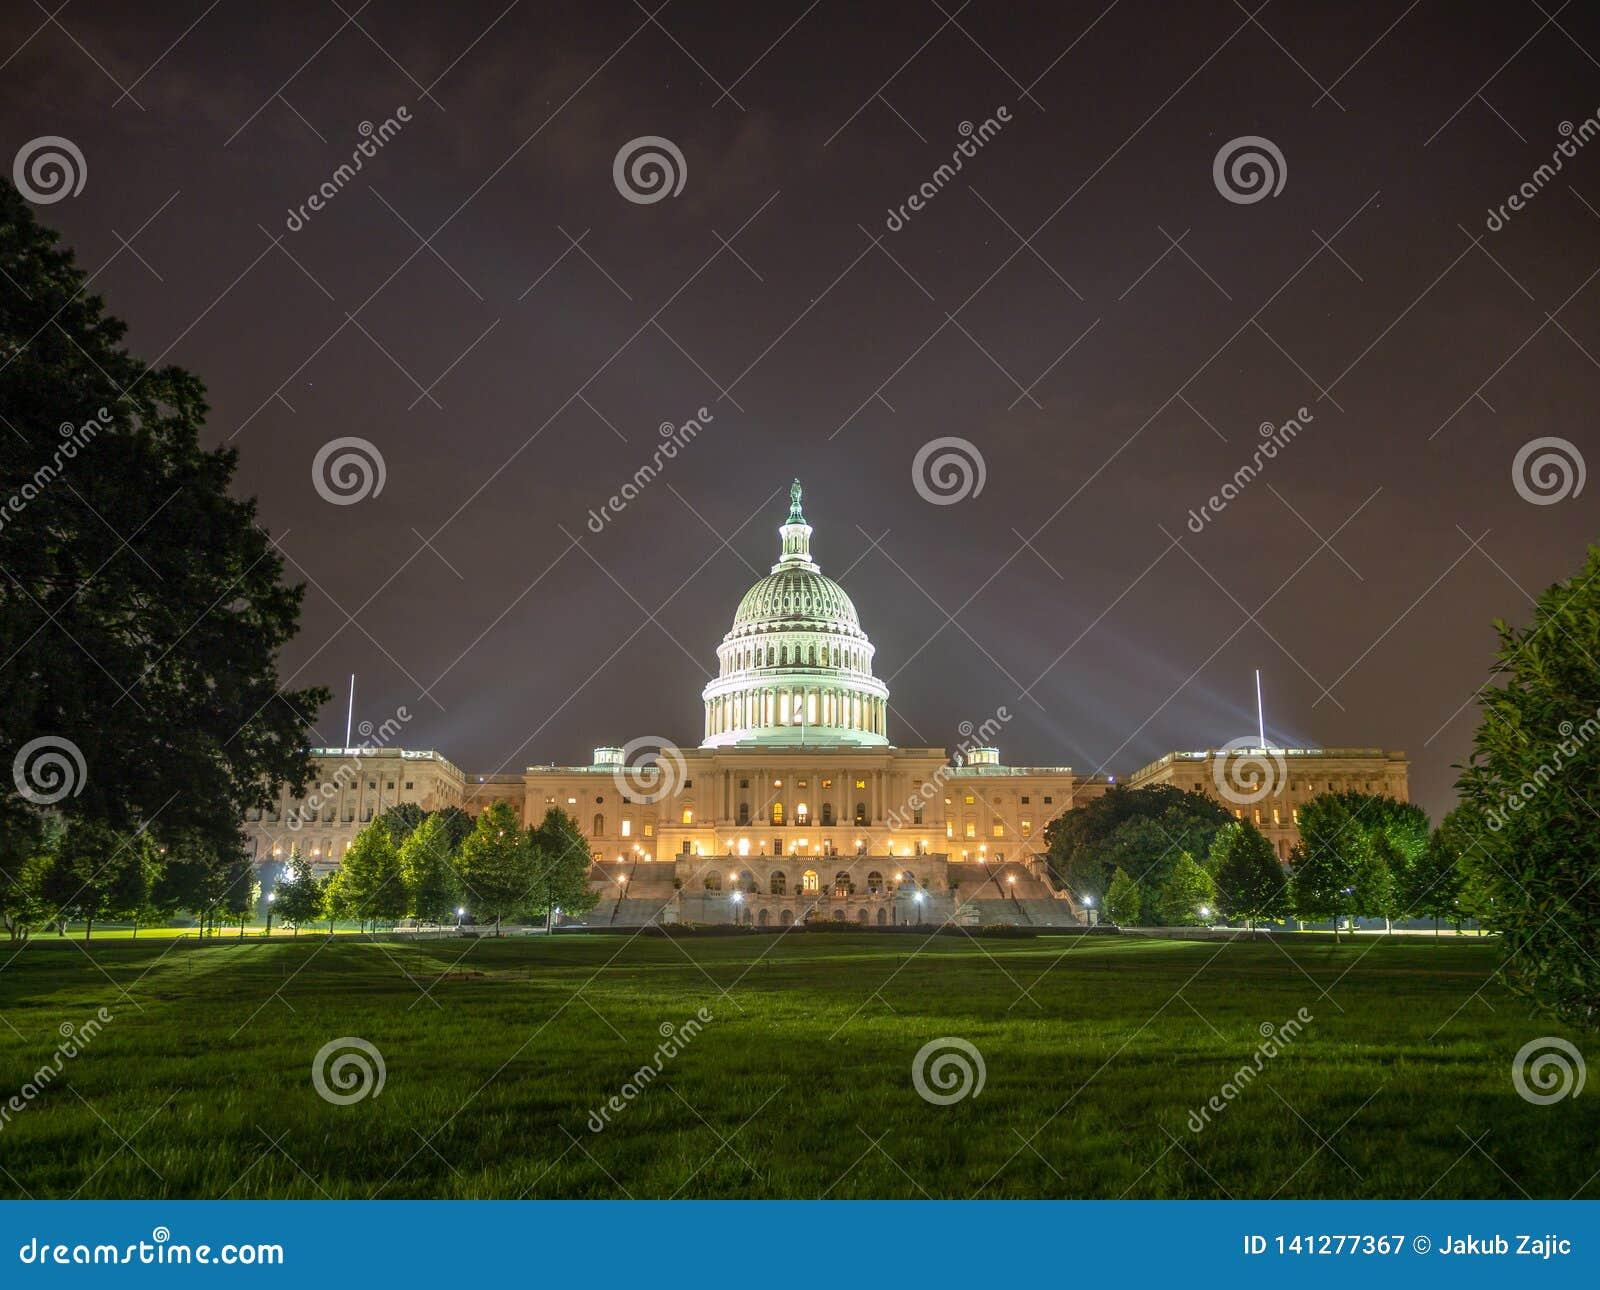 Washington DC, distrito de Columbia [edificio del capitolio de Estados Unidos los E.E.U.U., vista nocturna con las luces sobre la